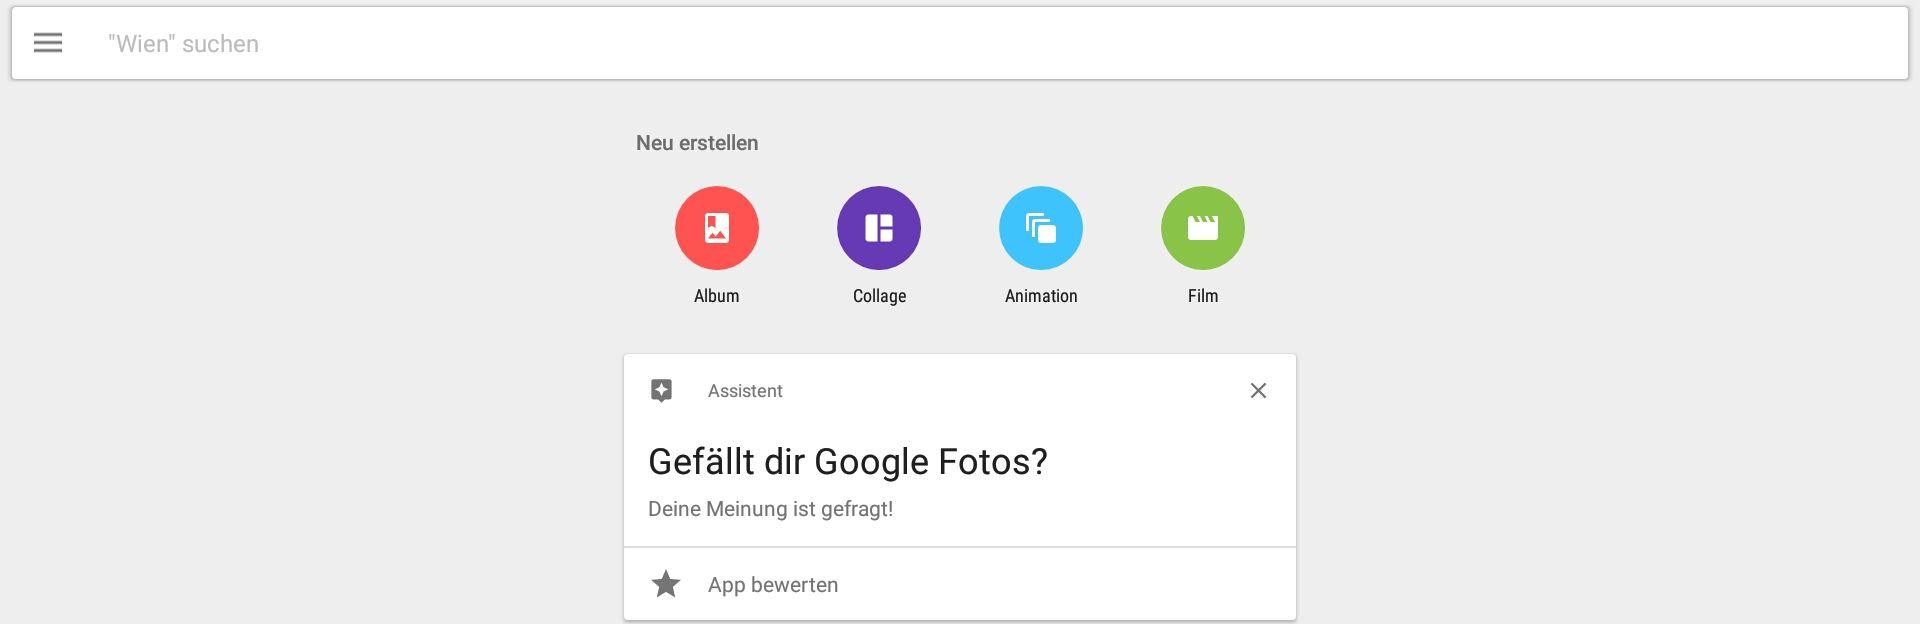 Mit Google Fotos Filme machen